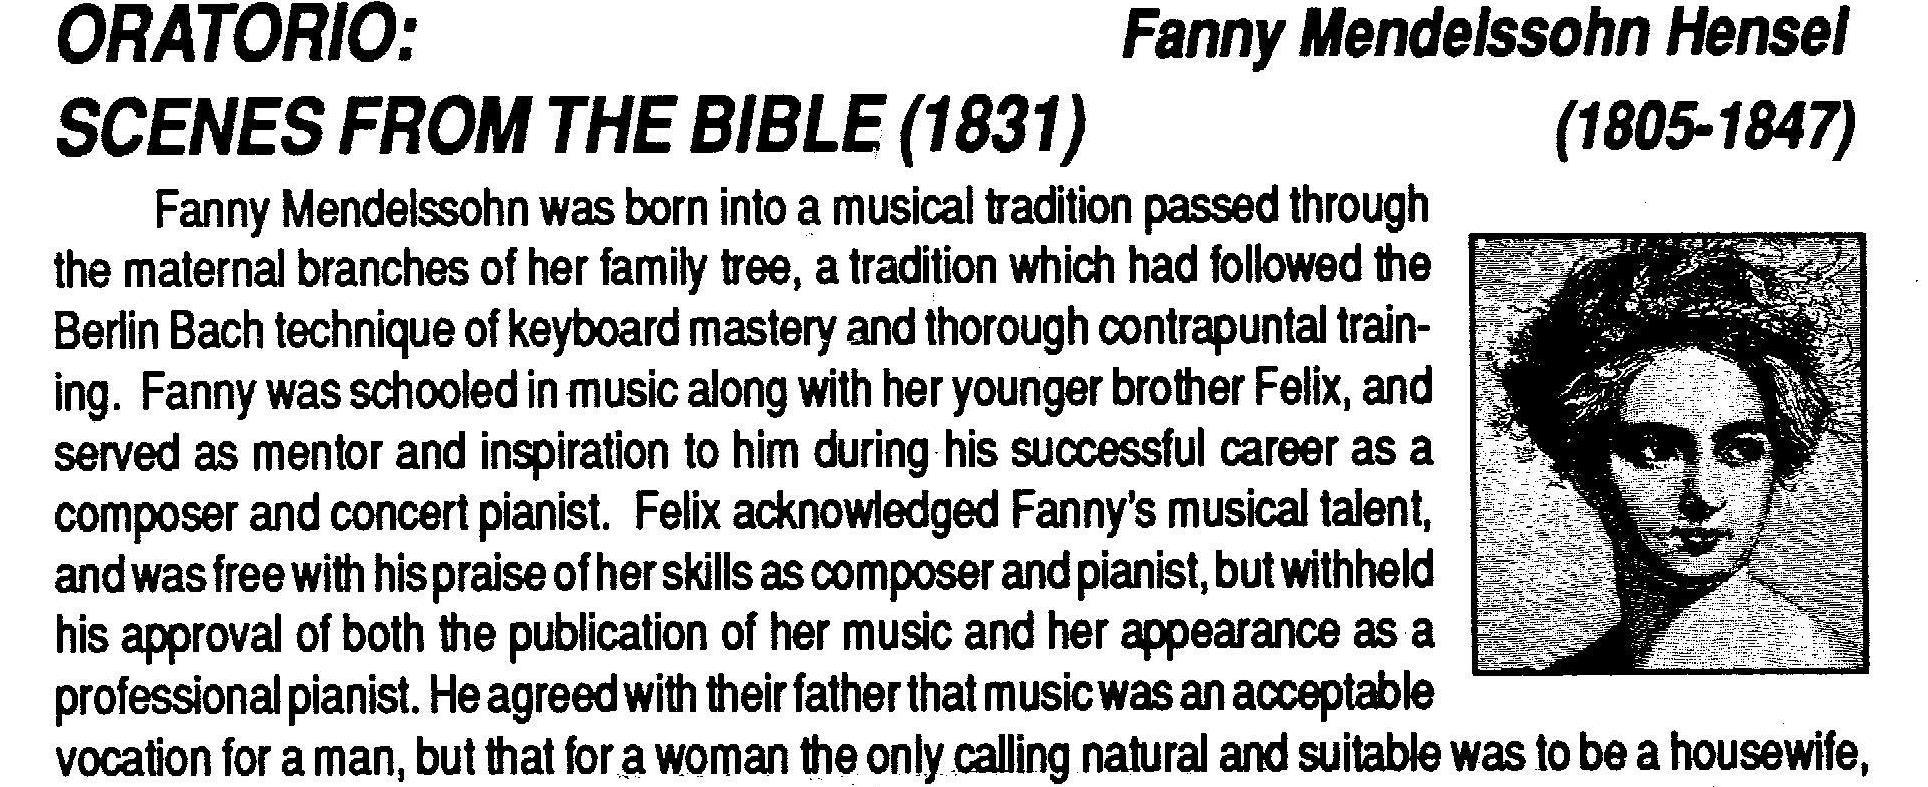 Excerpt from 1990 program note